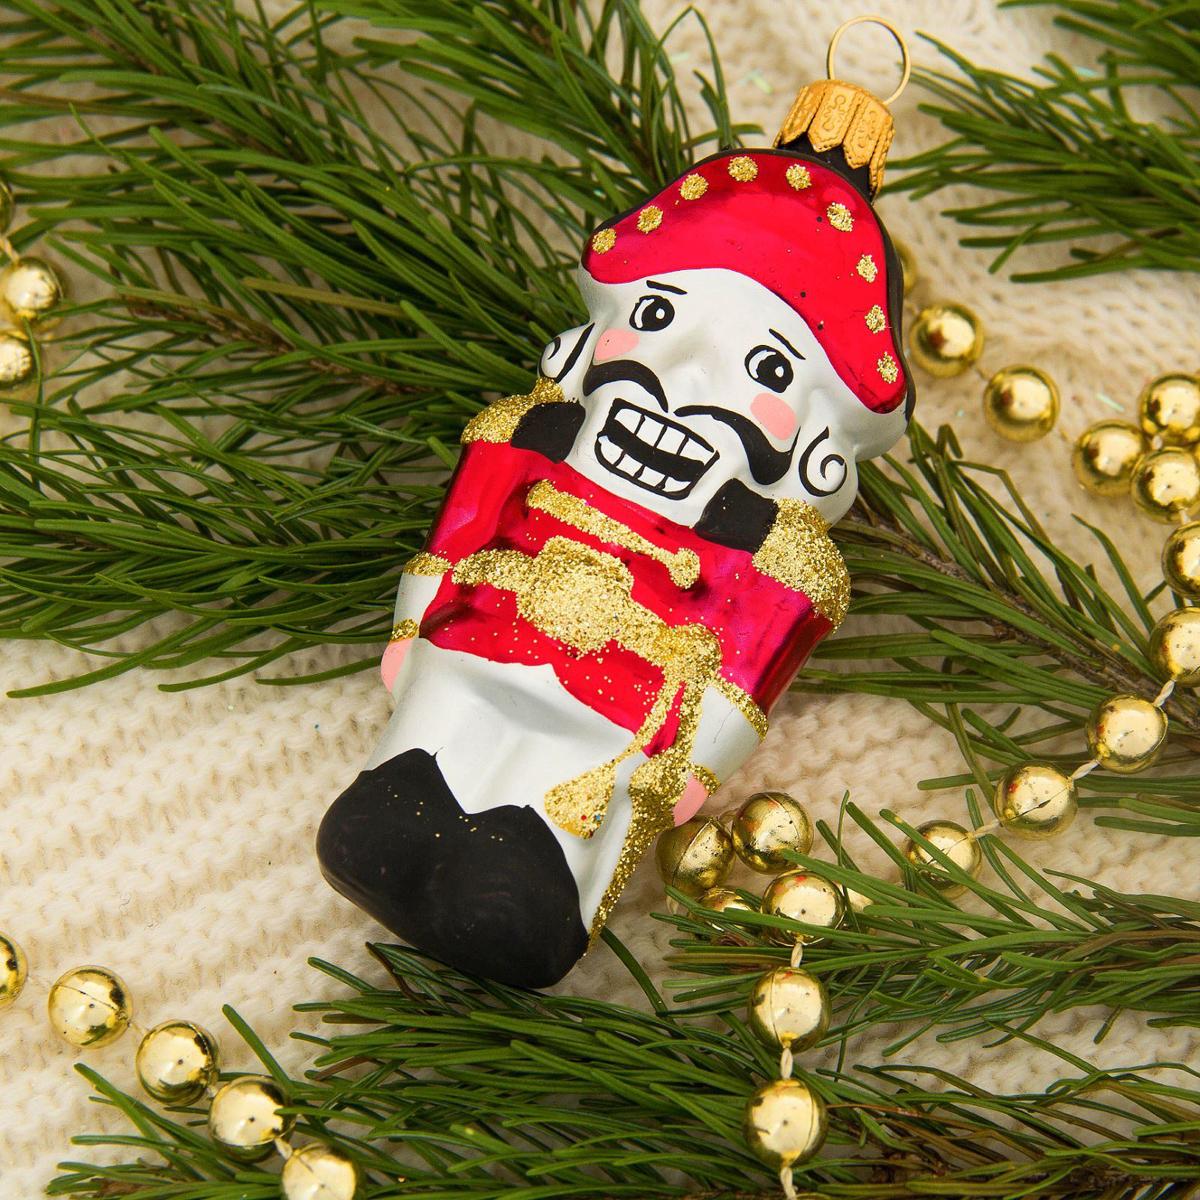 Украшение новогоднее елочное Ёлочка Щелкунчик, 13 х 6 х 6 см2564821Невозможно представить нашу жизнь без праздников! Мы всегда ждём их и предвкушаем, обдумываем, как проведём памятный день, тщательно выбираем подарки и аксессуары, ведь именно они создают и поддерживают торжественный настрой.